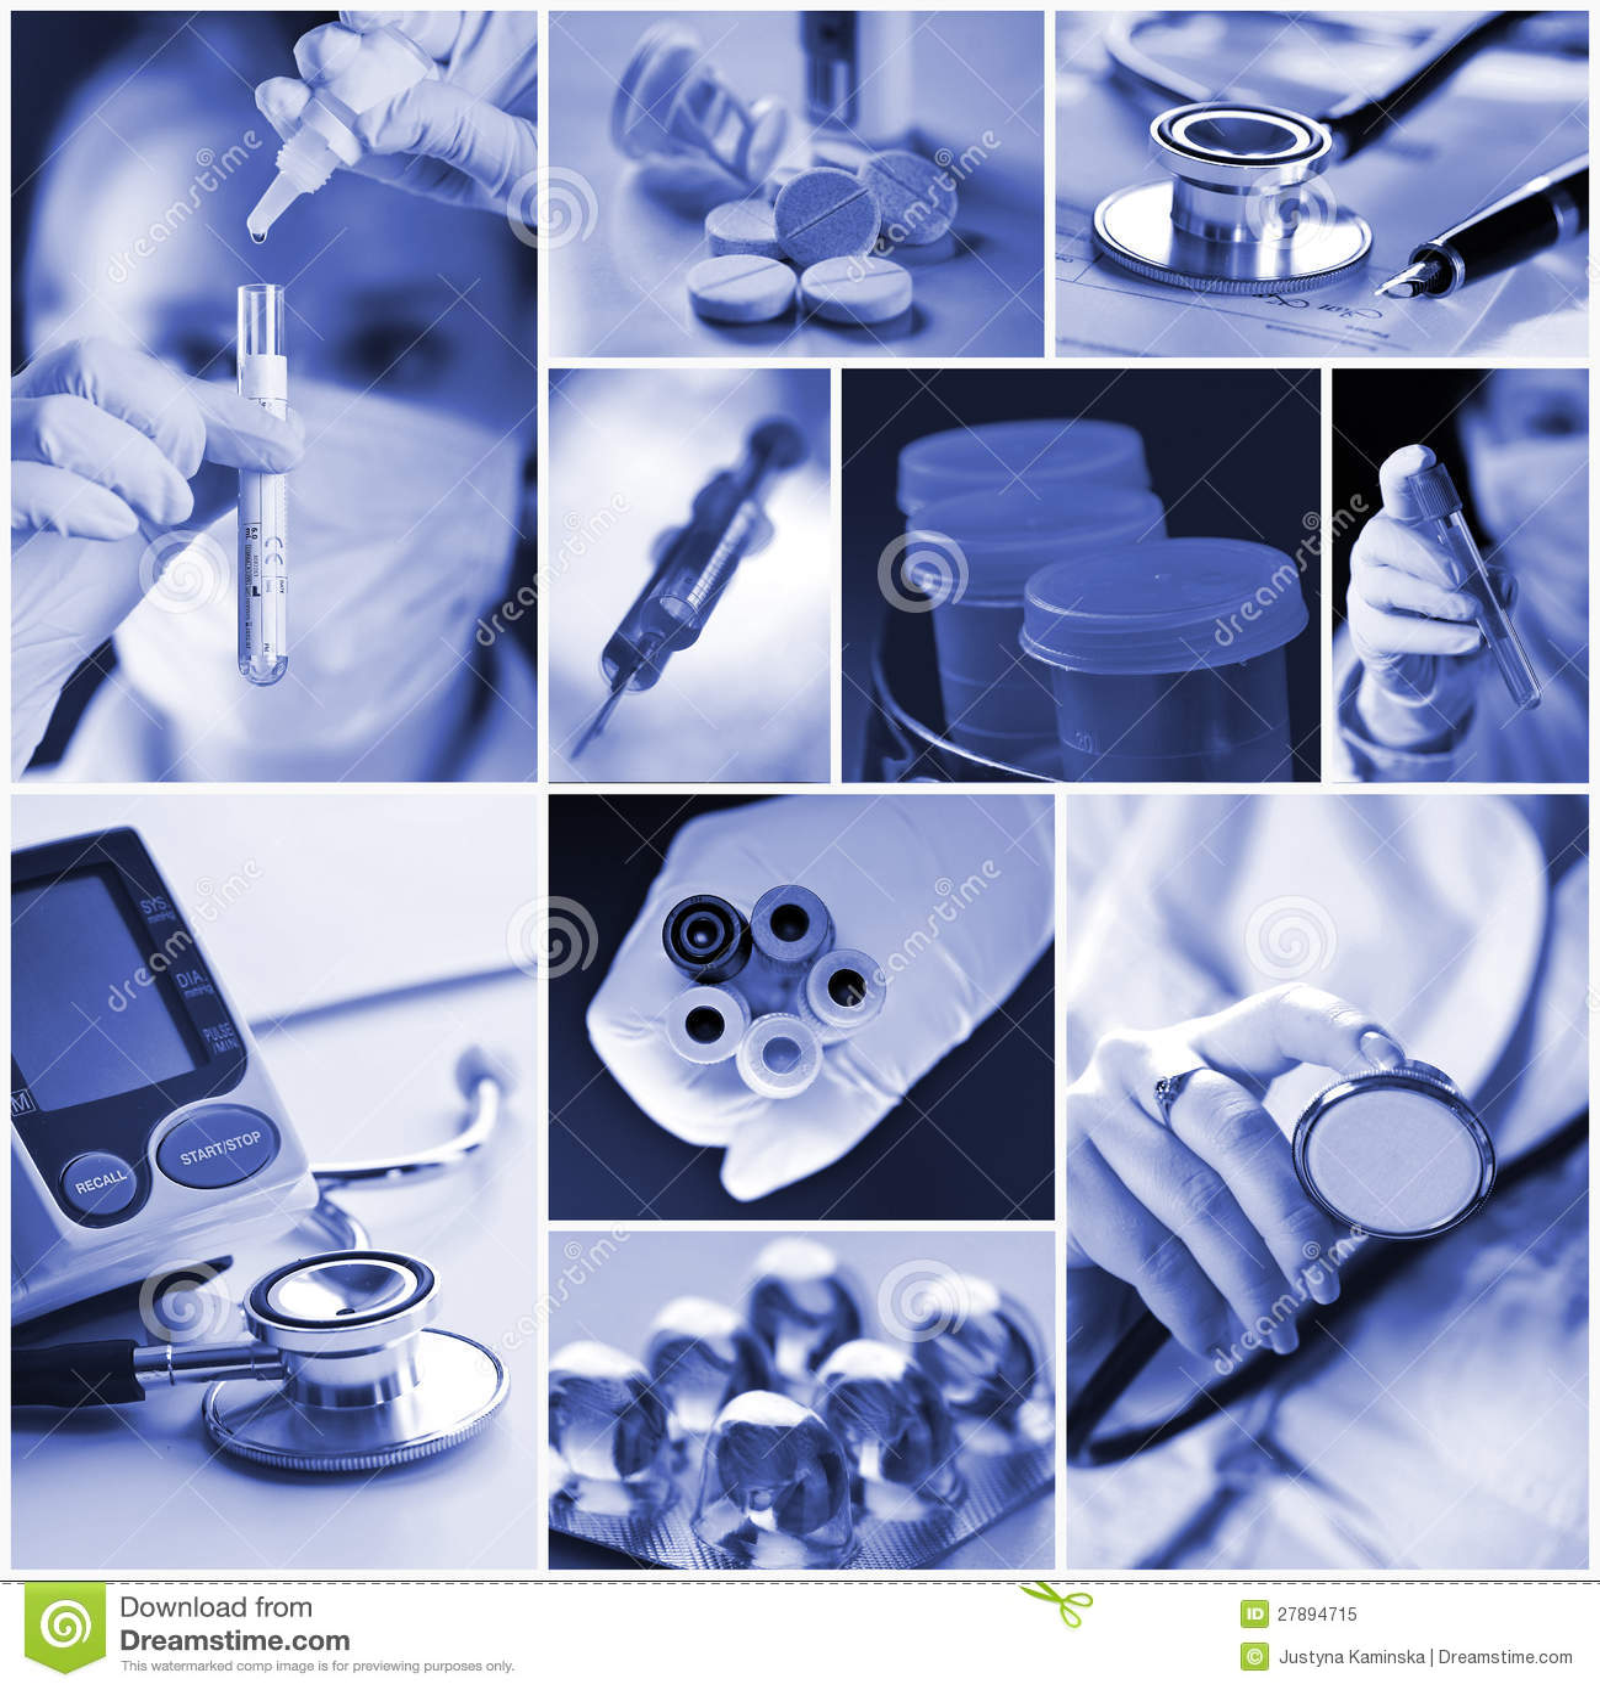 collage-de-la-medicina-27894715.jpg